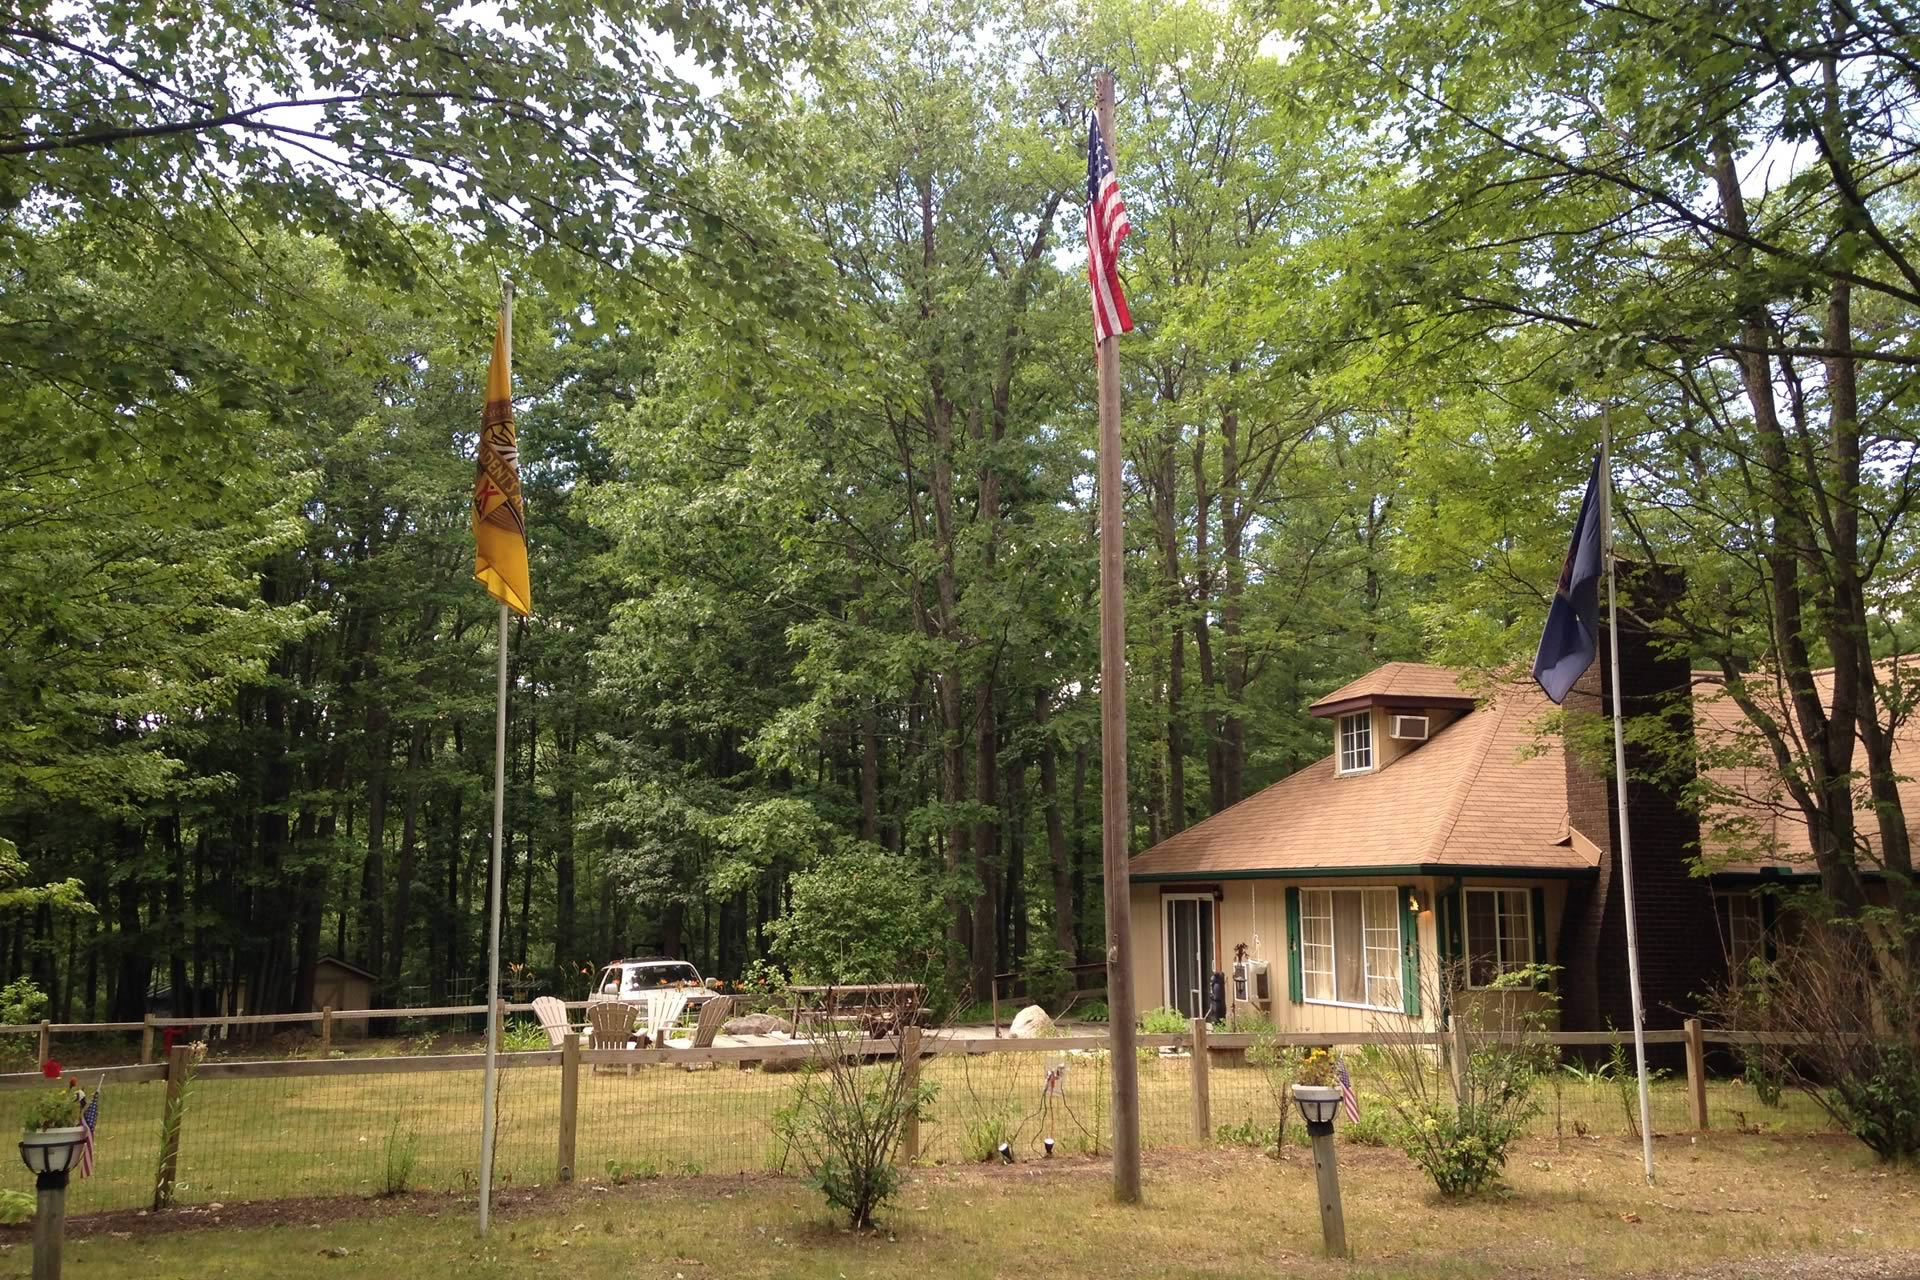 Roscommon, Michigan Campground | Higgins Lake / Roscommon KOA